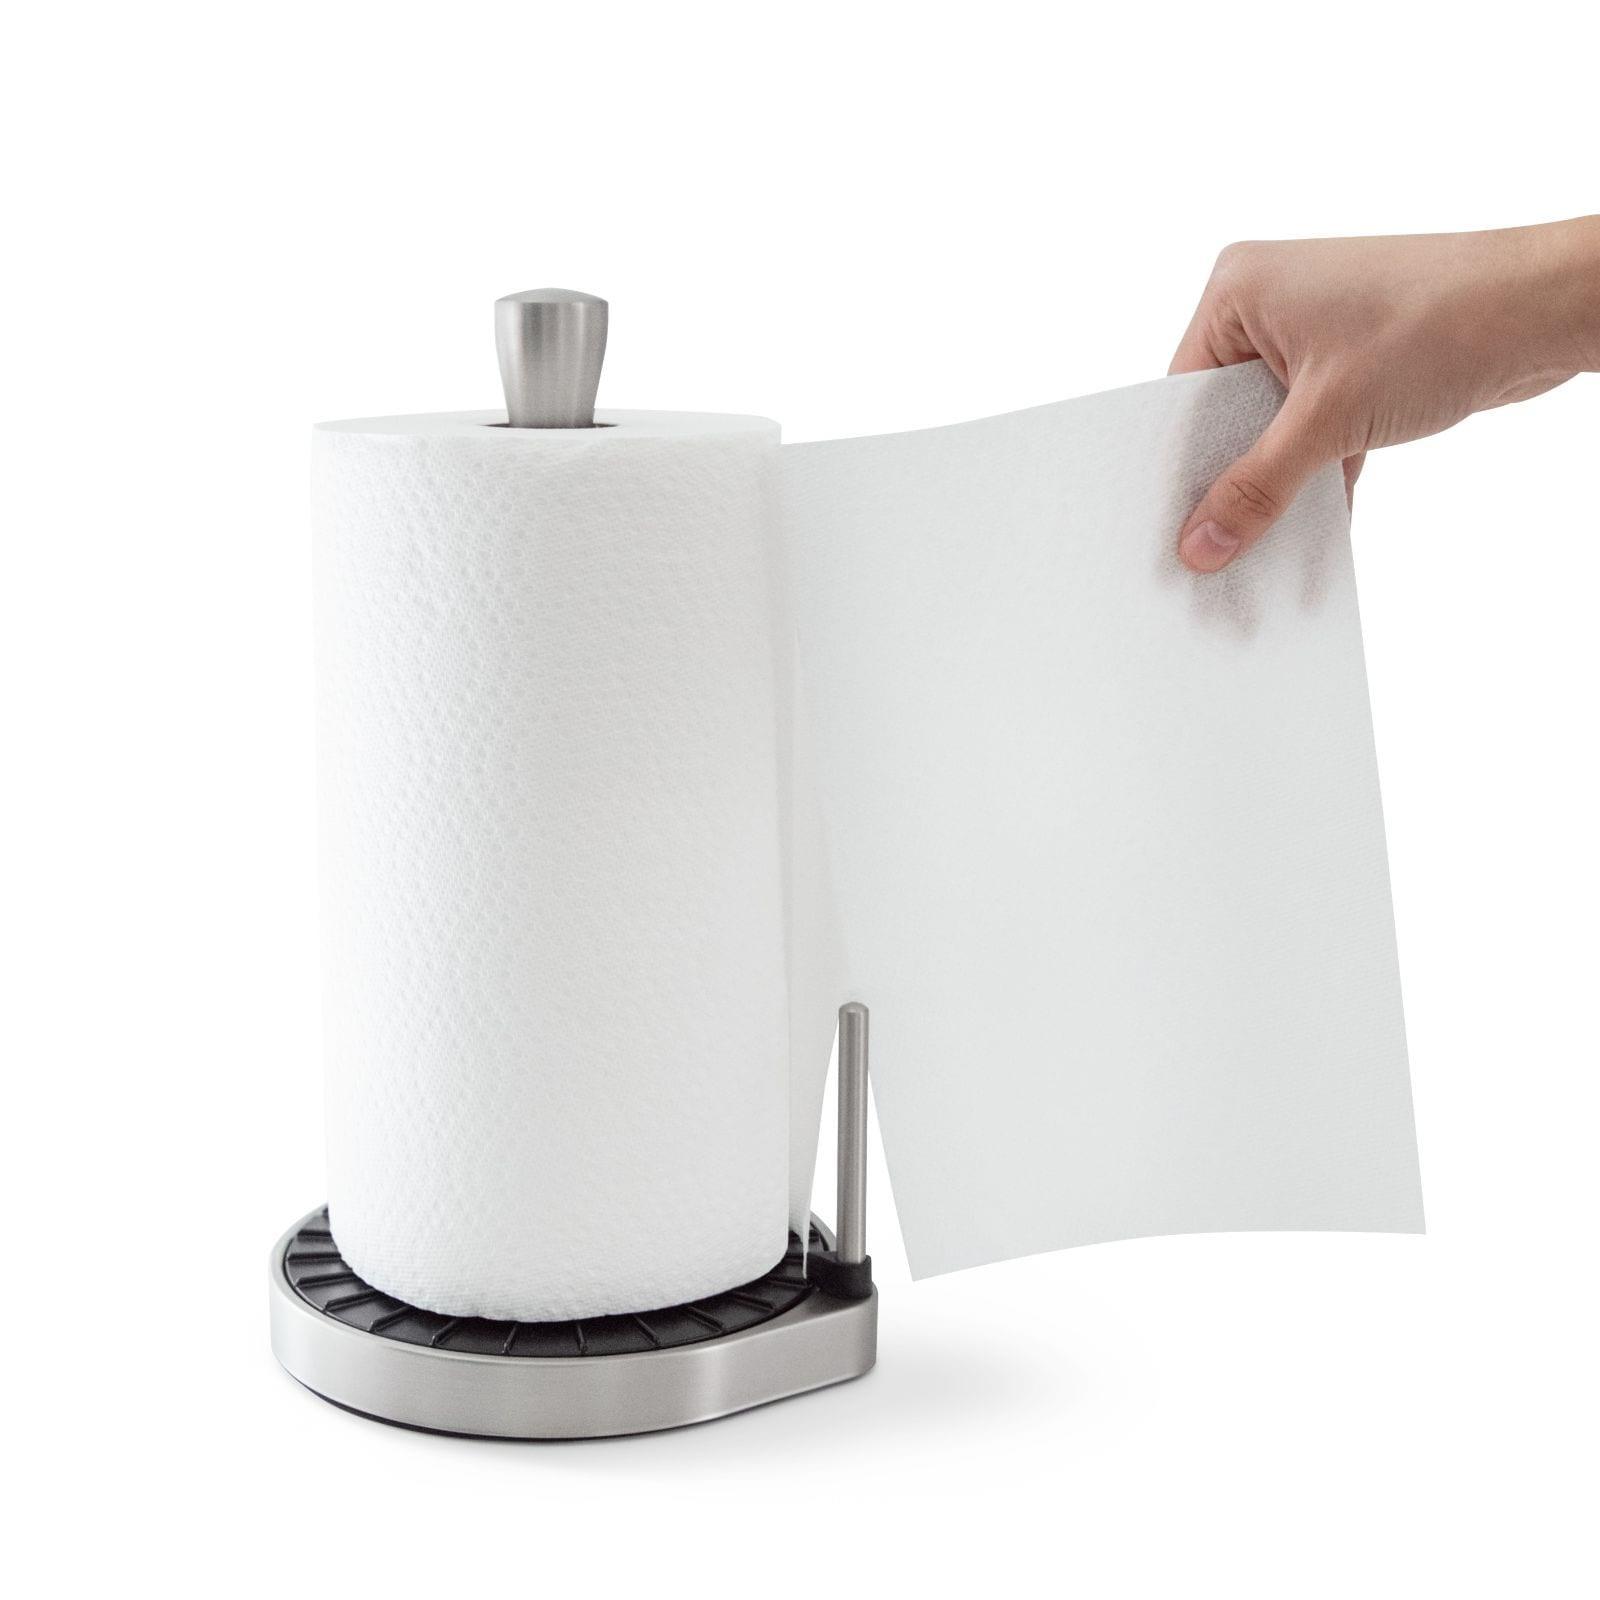 Spin Click N Tear Paper Towel Holder (Black / Nickel) - Umbra